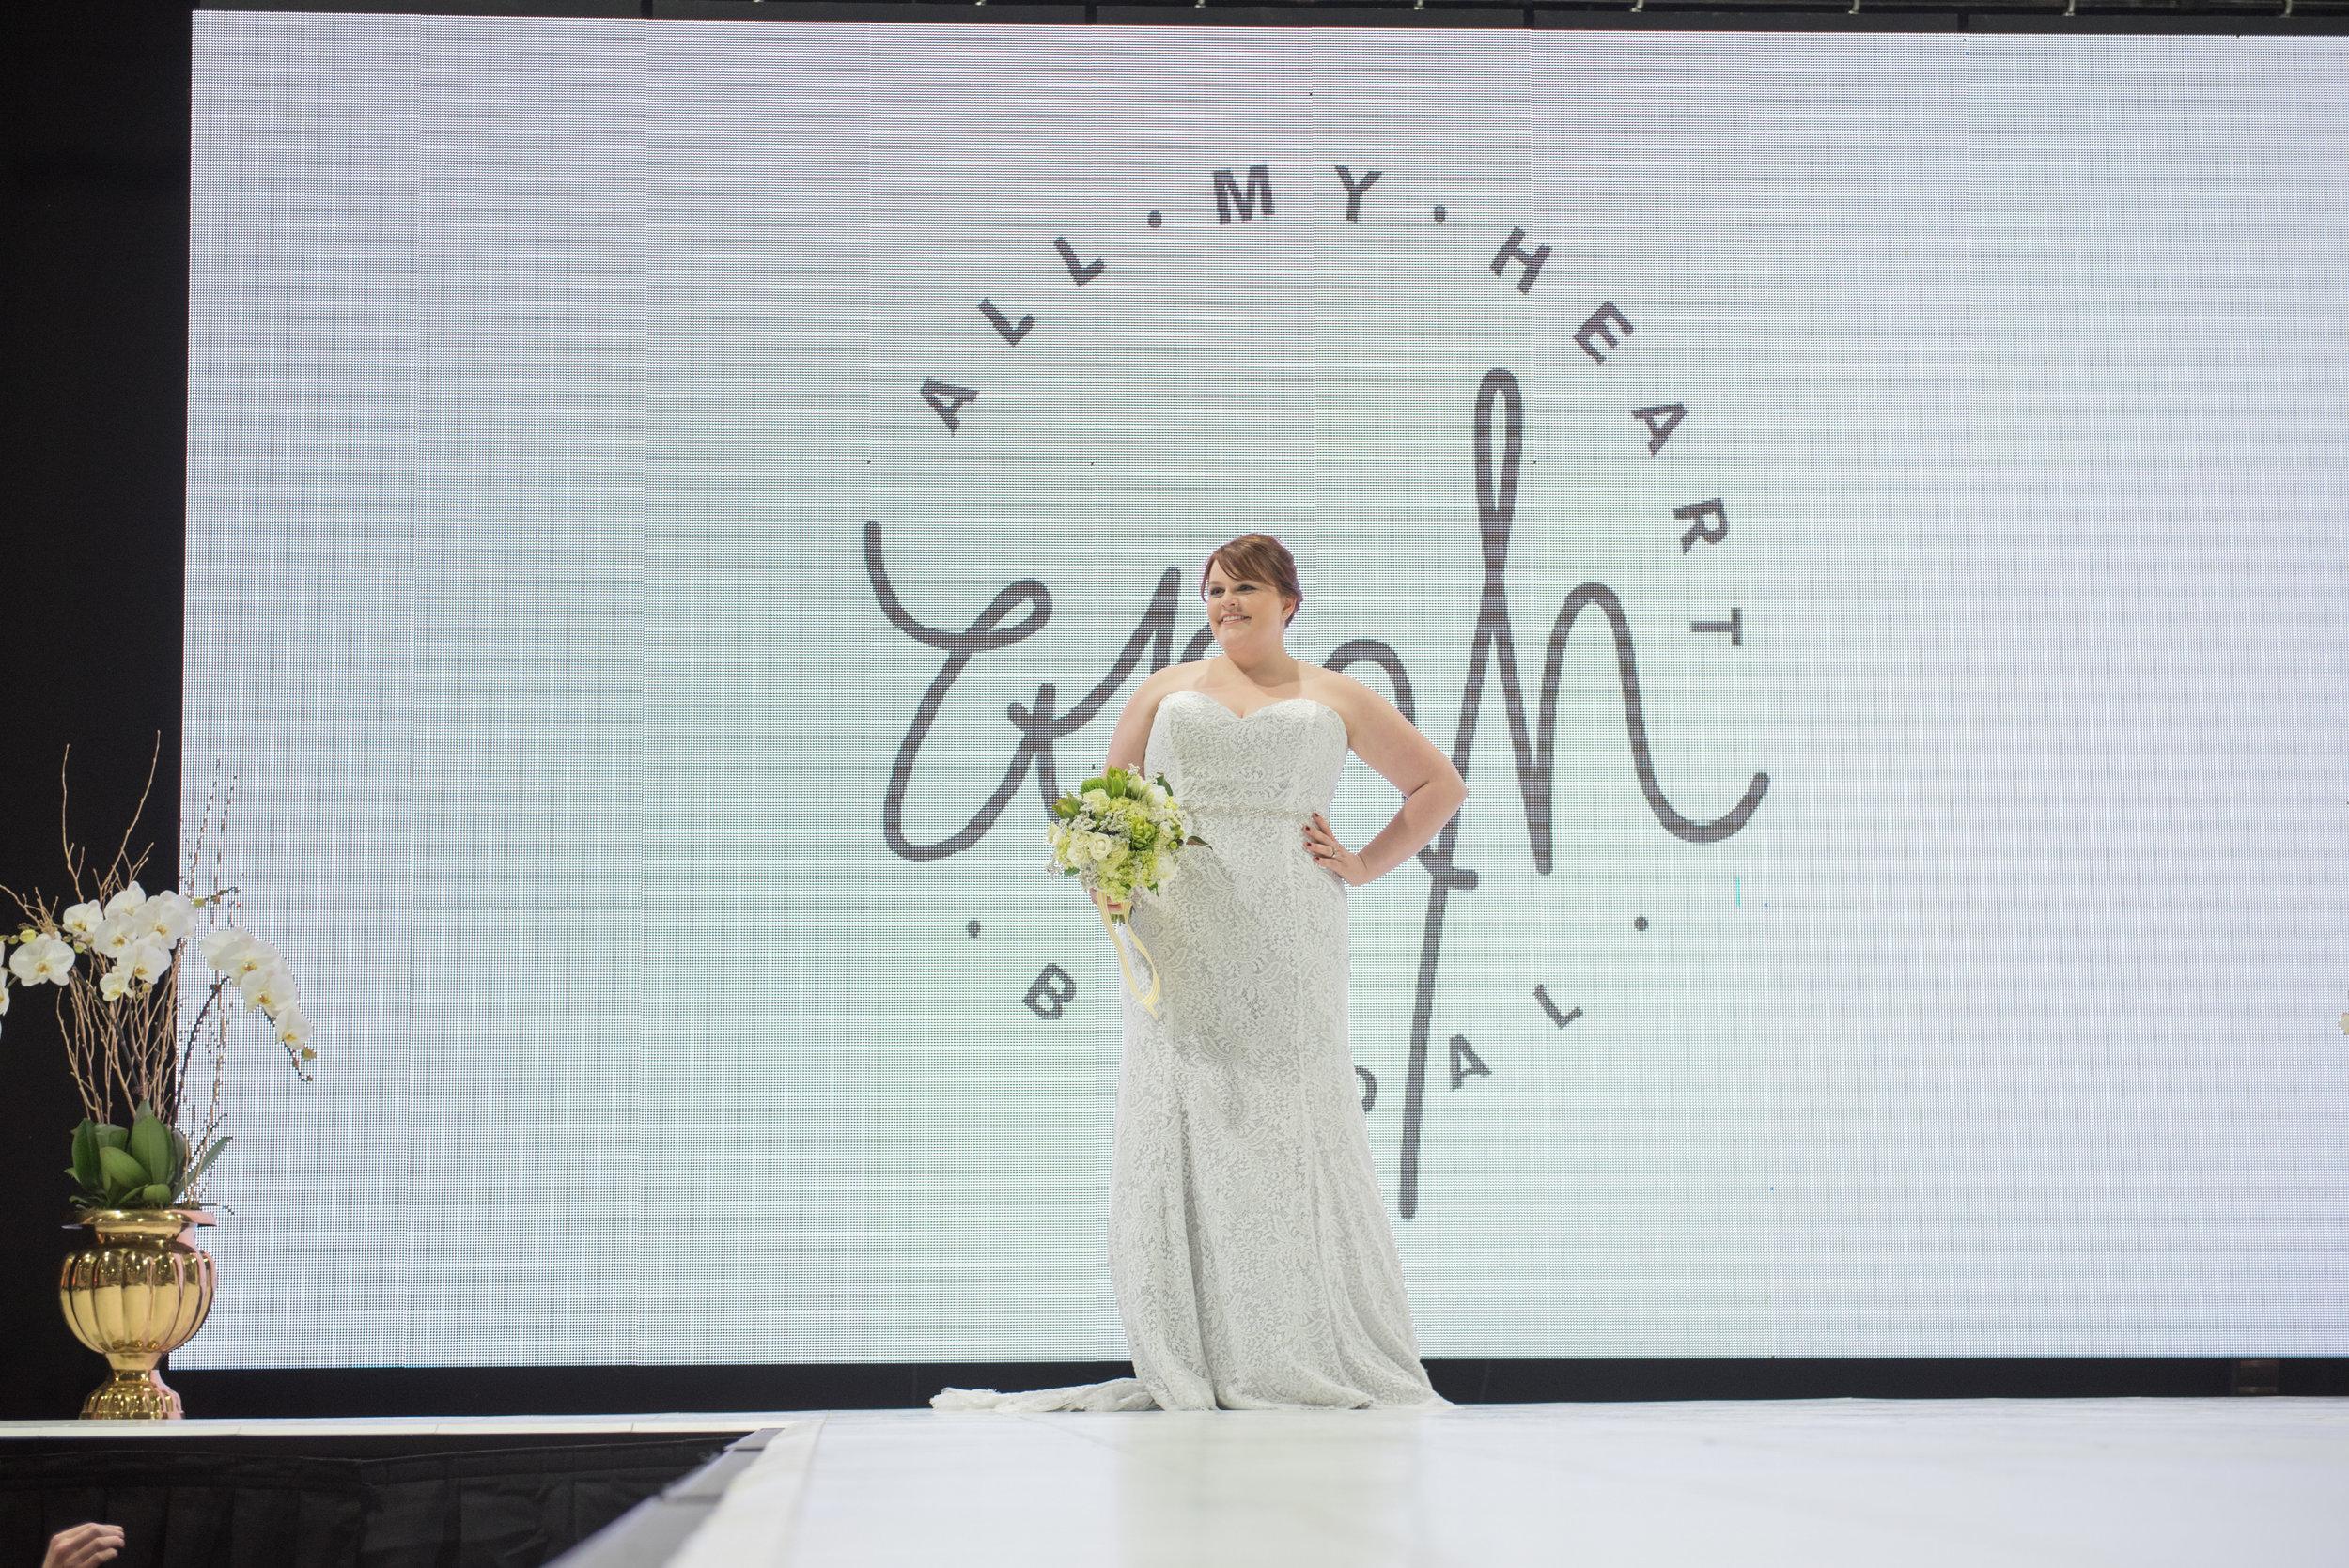 KCPWG January 2018 Wedding Show (10).jpg